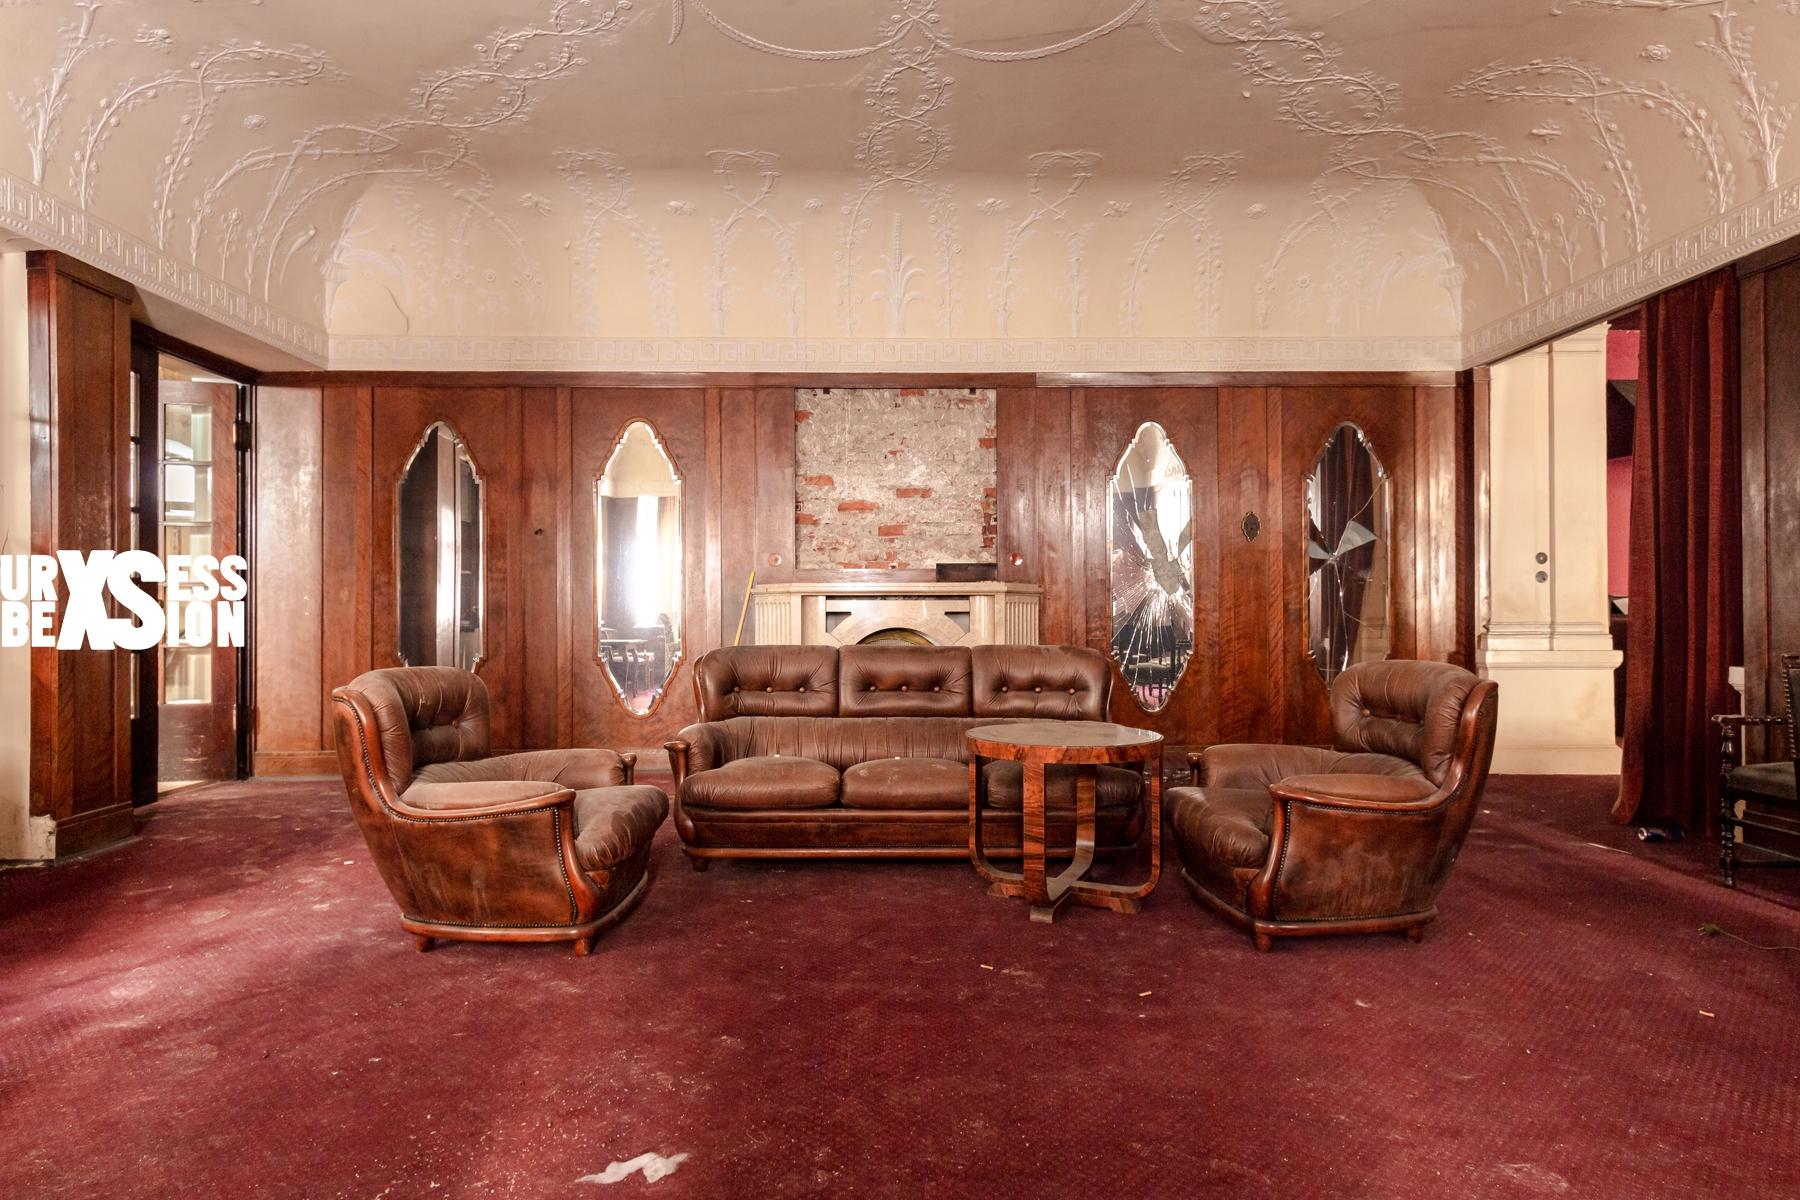 Abandoned hotel in Austria | urbexsession.com/en/udo-proksch-hotel | Urbex Austria